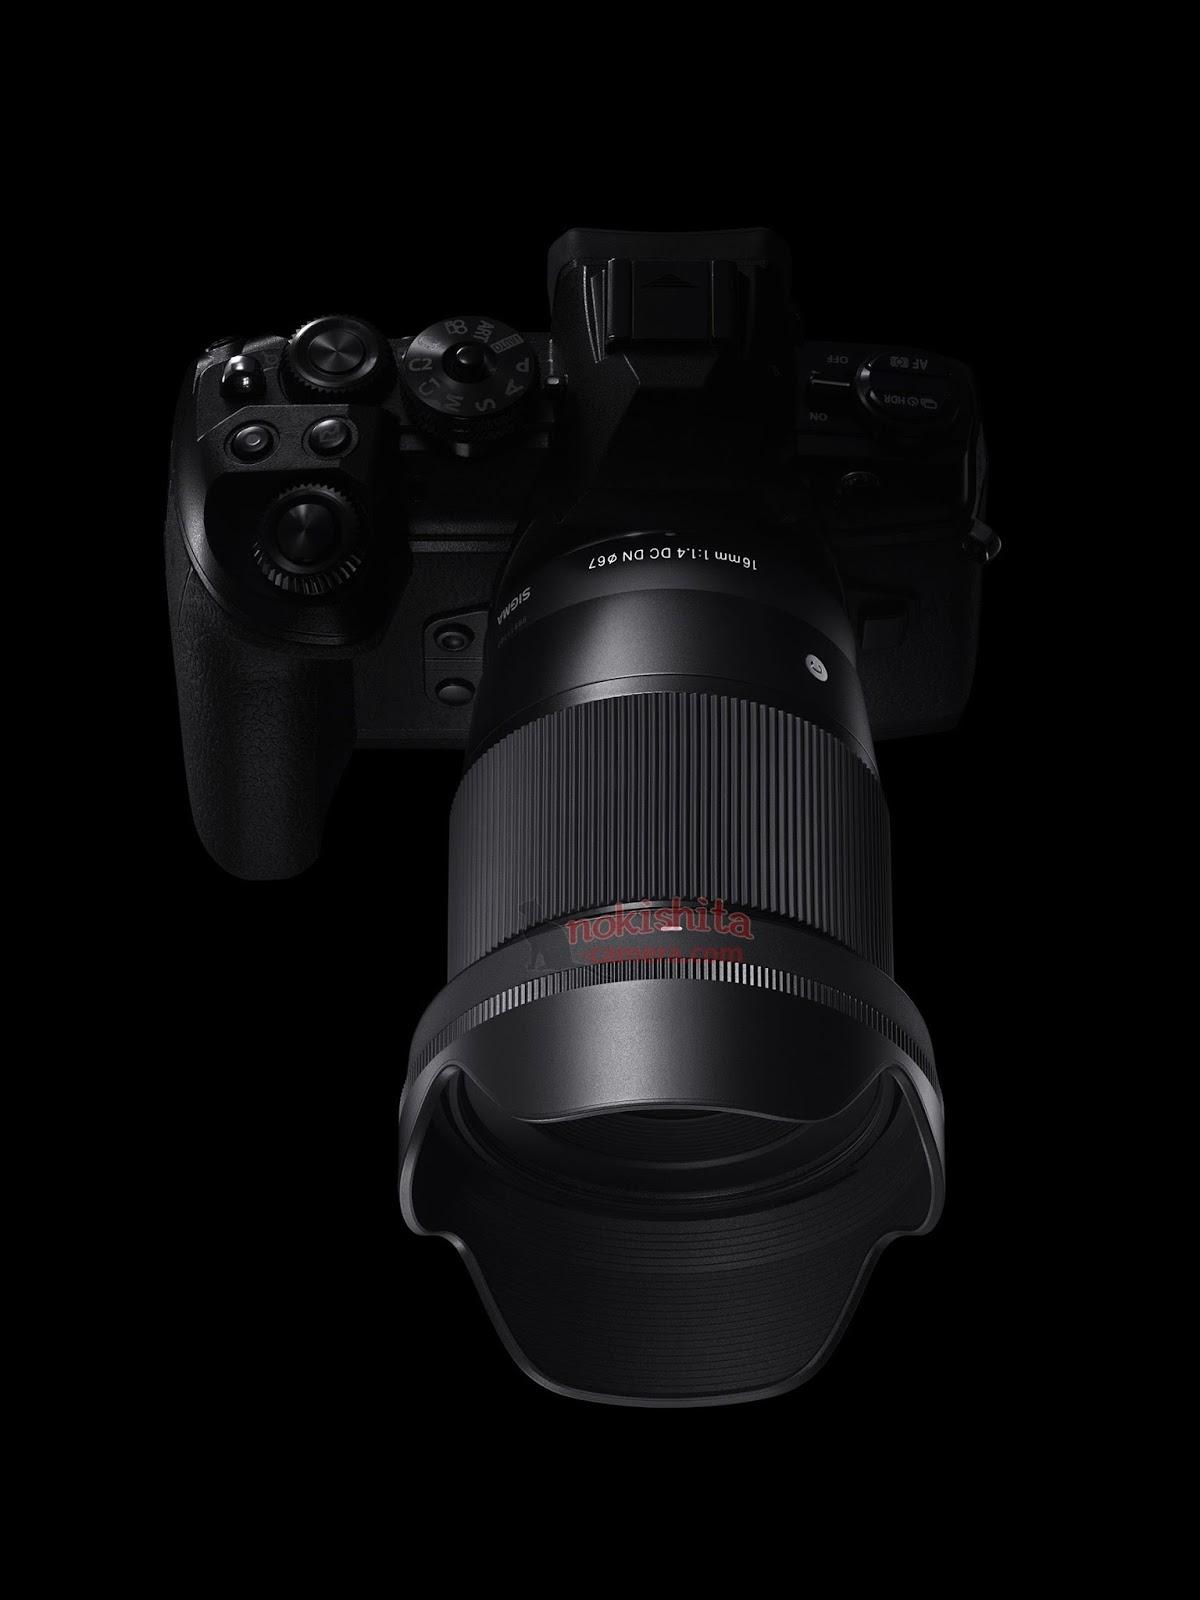 Sigma 16mm f/1.4 DC DN установлен на Olympus OM-D E-M1 Mark II